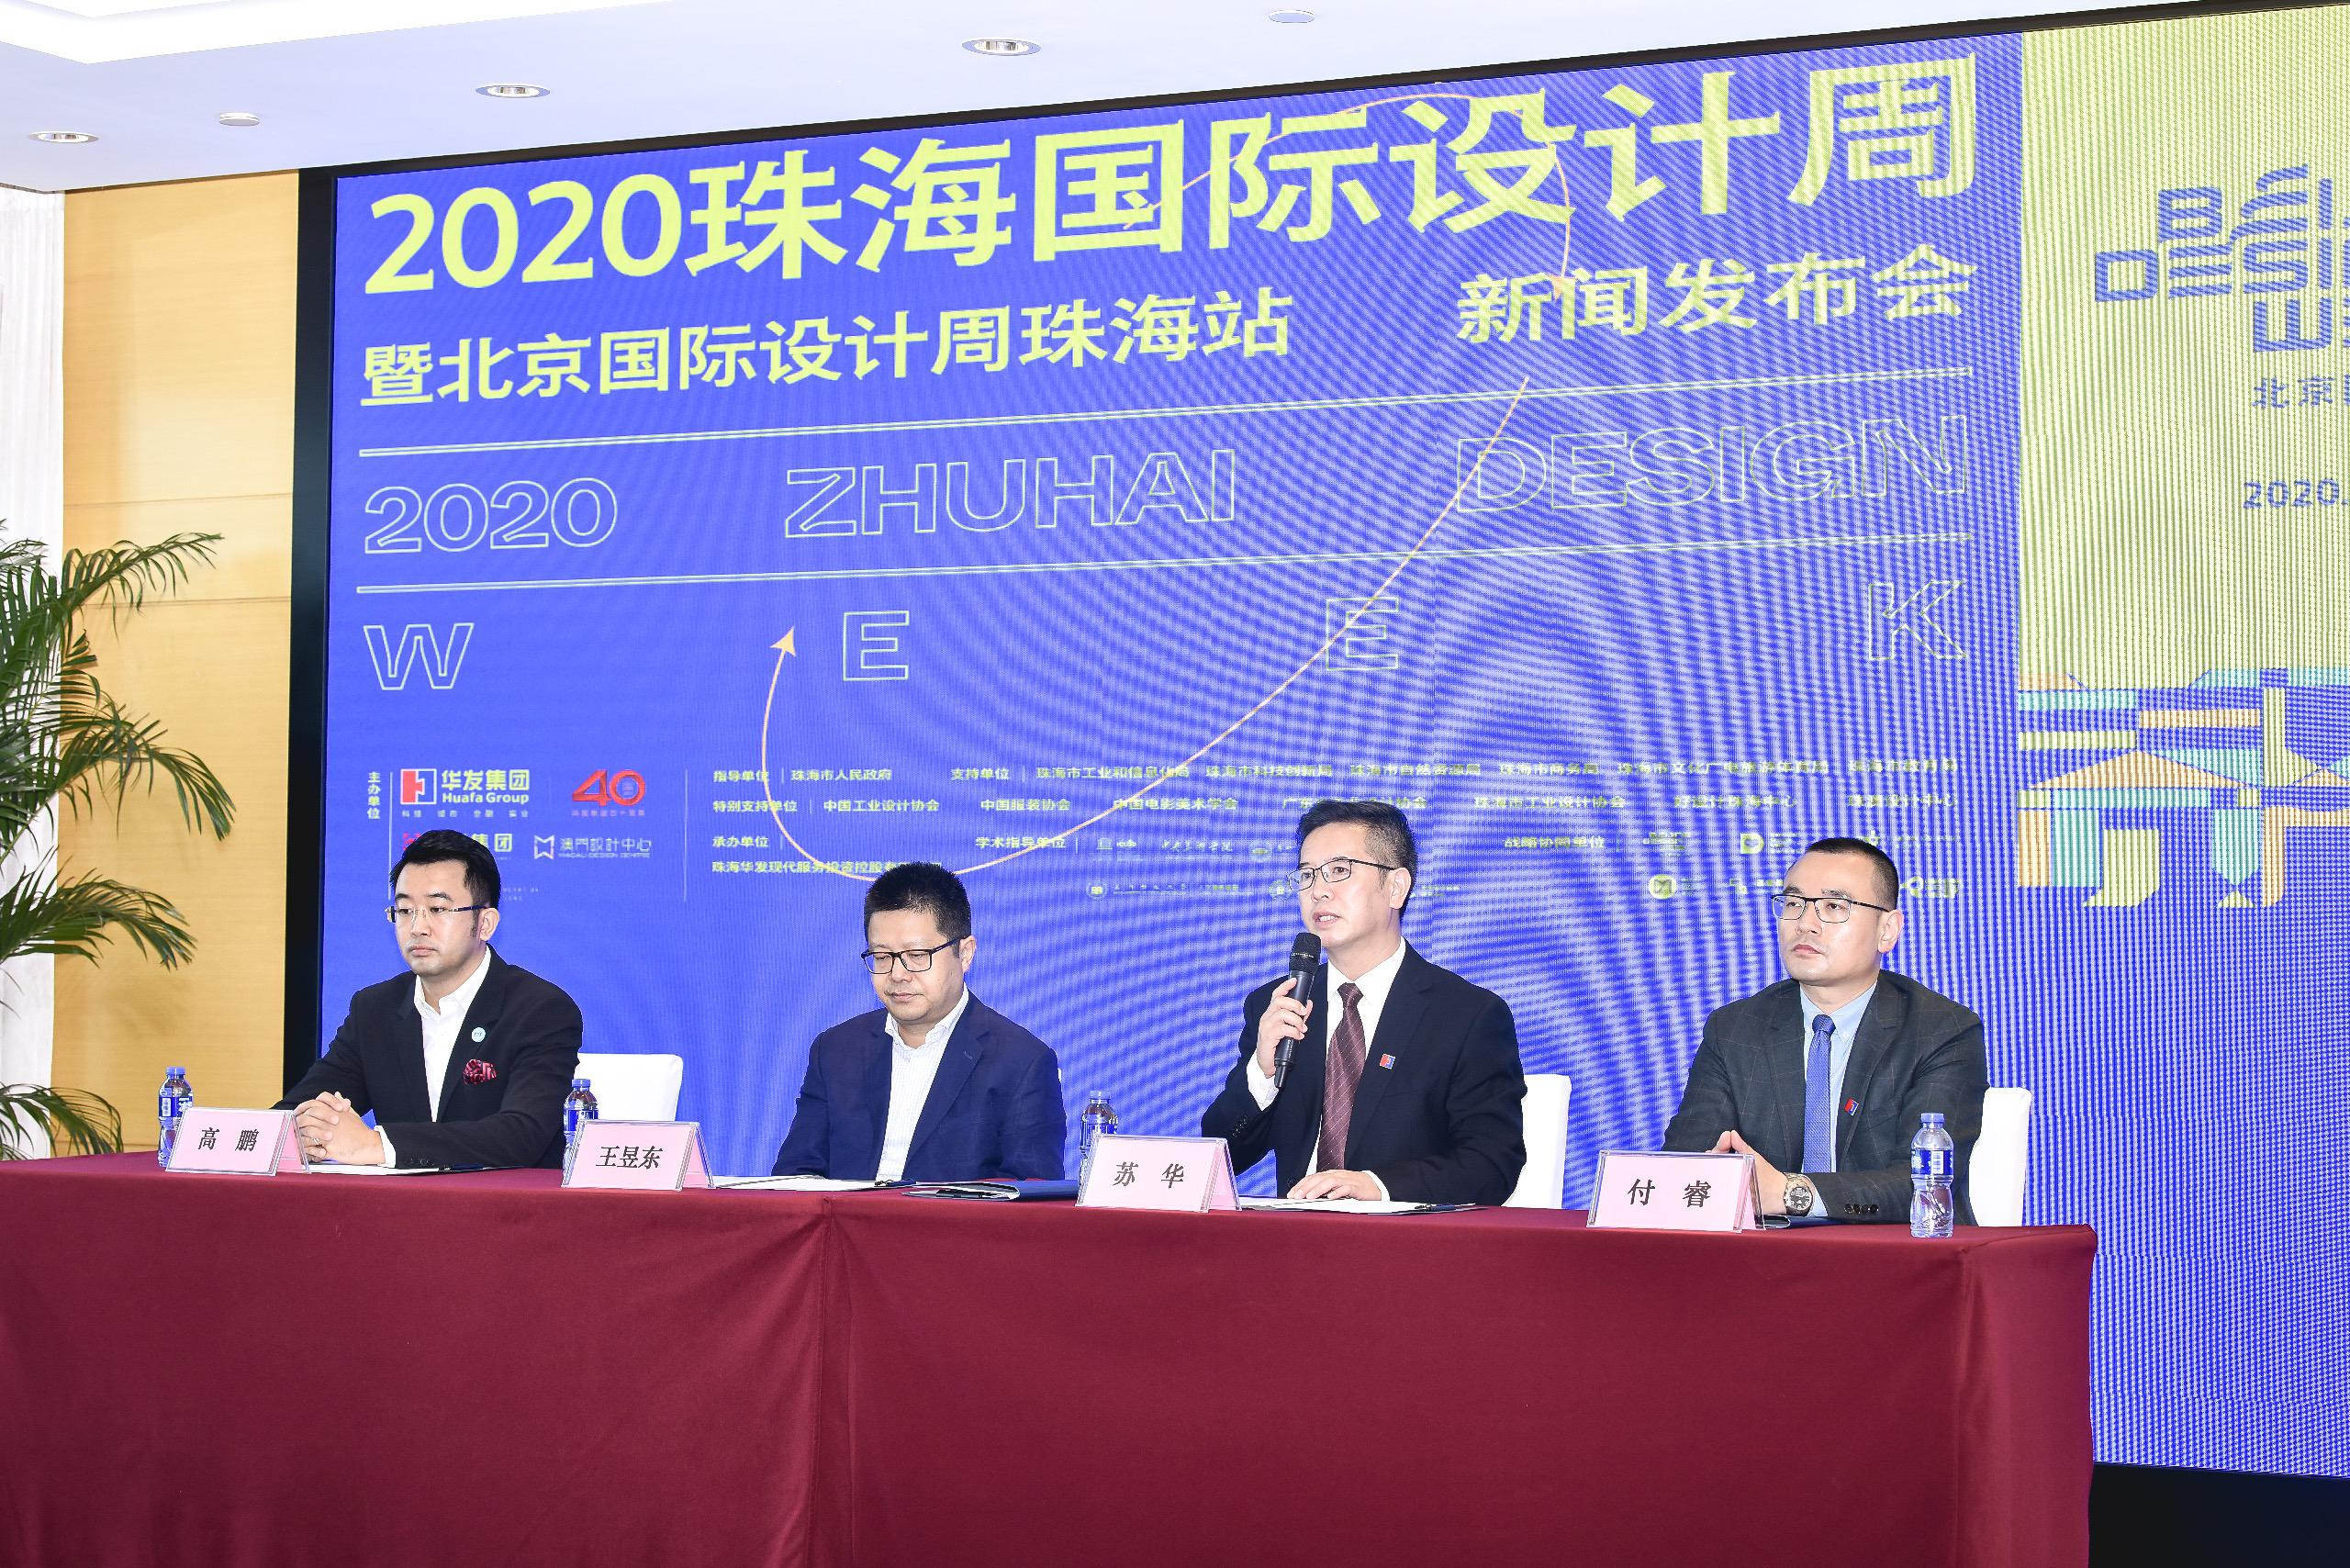 2020珠海国际设计周12月4日启幕